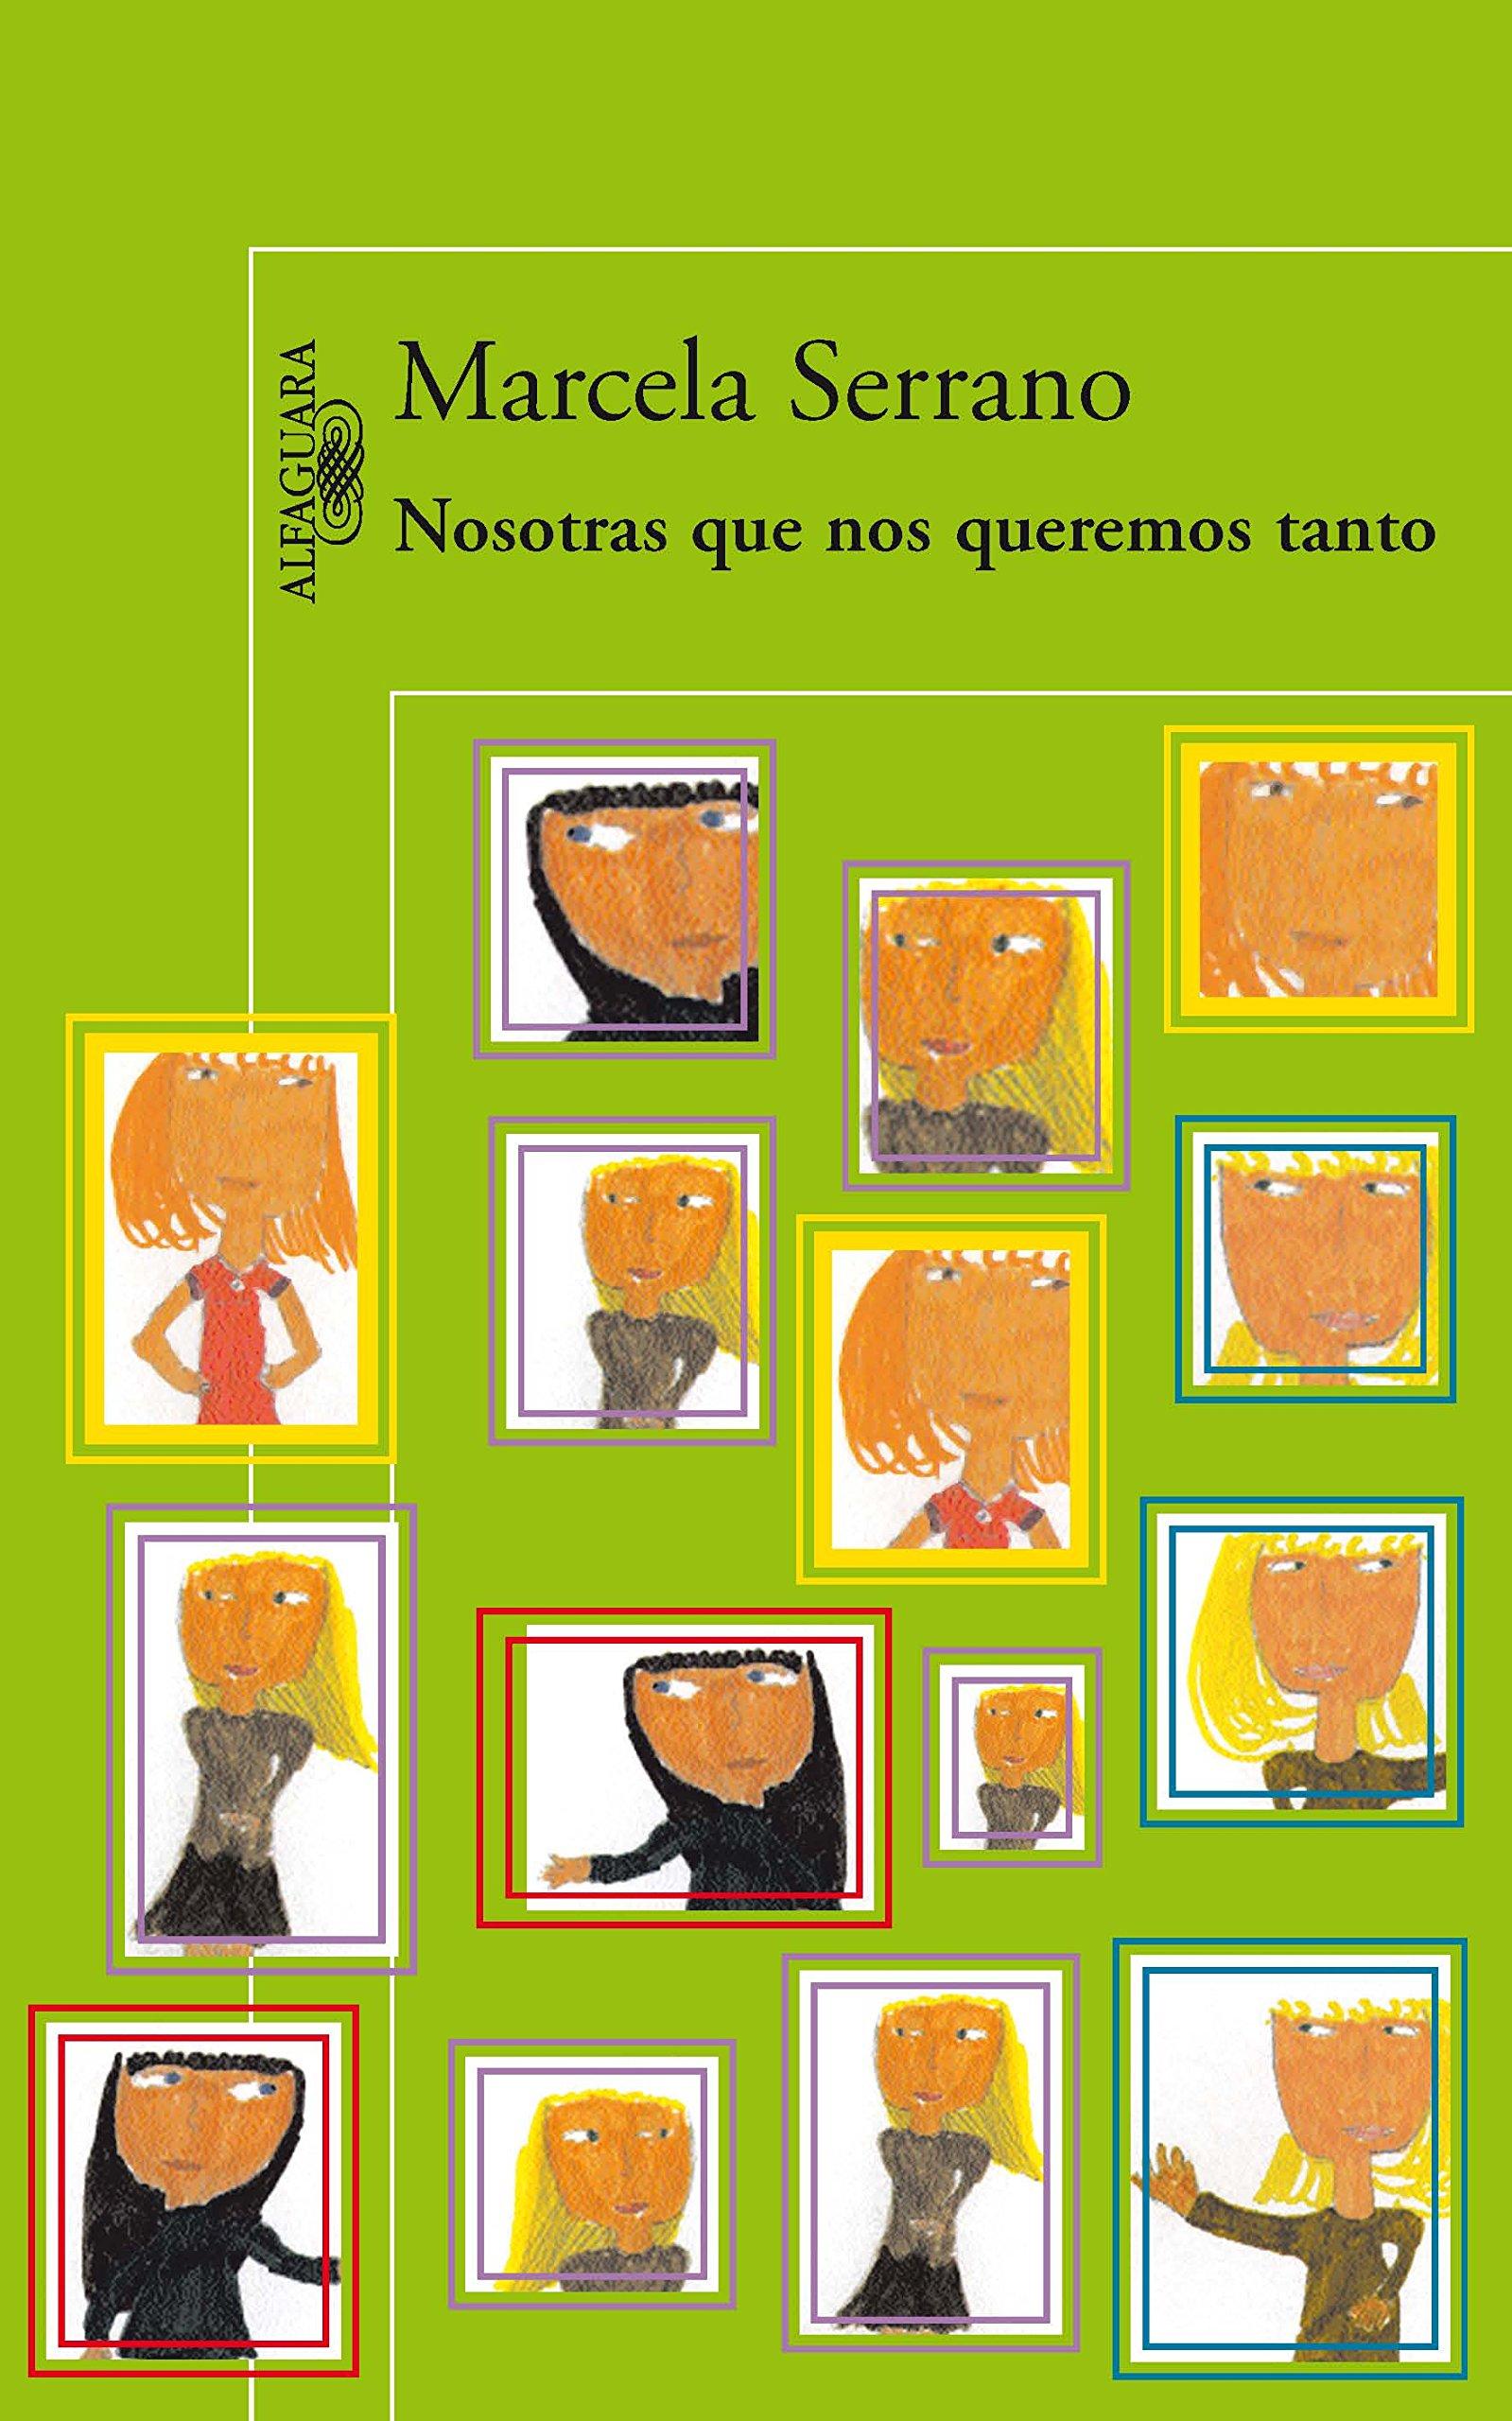 Nosotras Que Nos Queremos Tanto: Marcela Serrano: 9786071117649: Amazon.com: Books